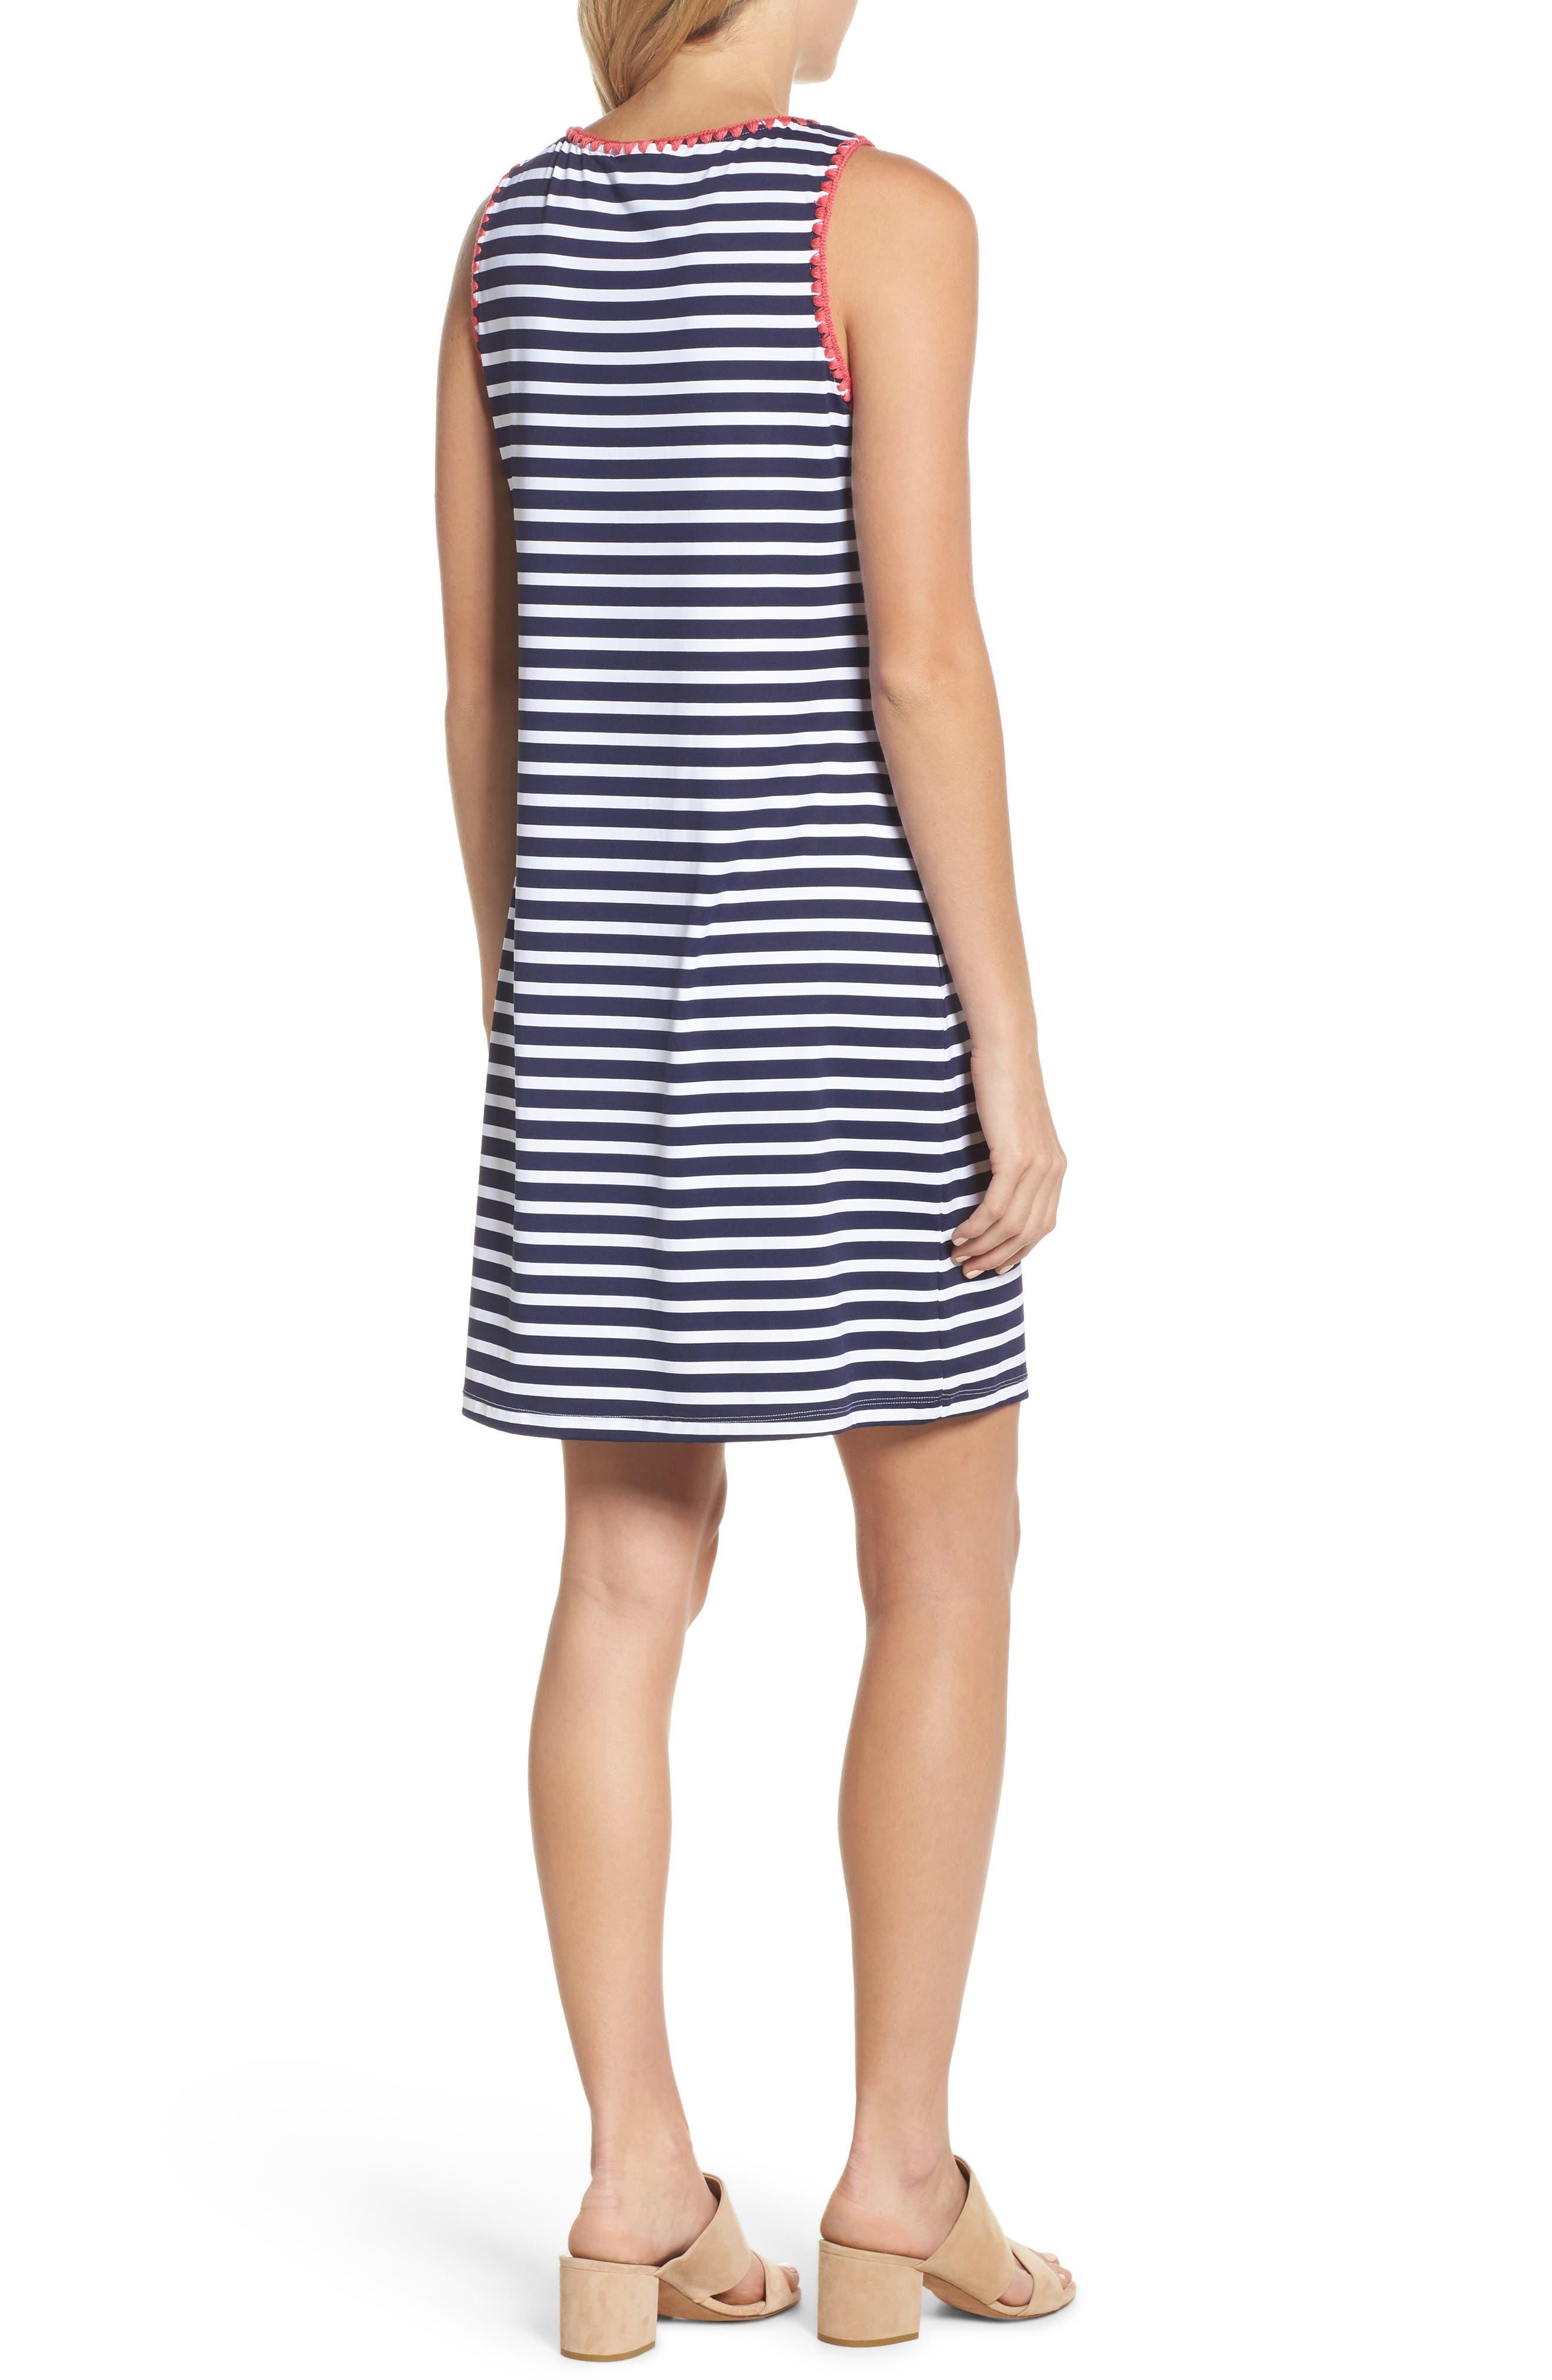 Breton Stripe Cover-Up Dress,                             Alternate thumbnail 2, color,                             MARE NAVY/ WHITE